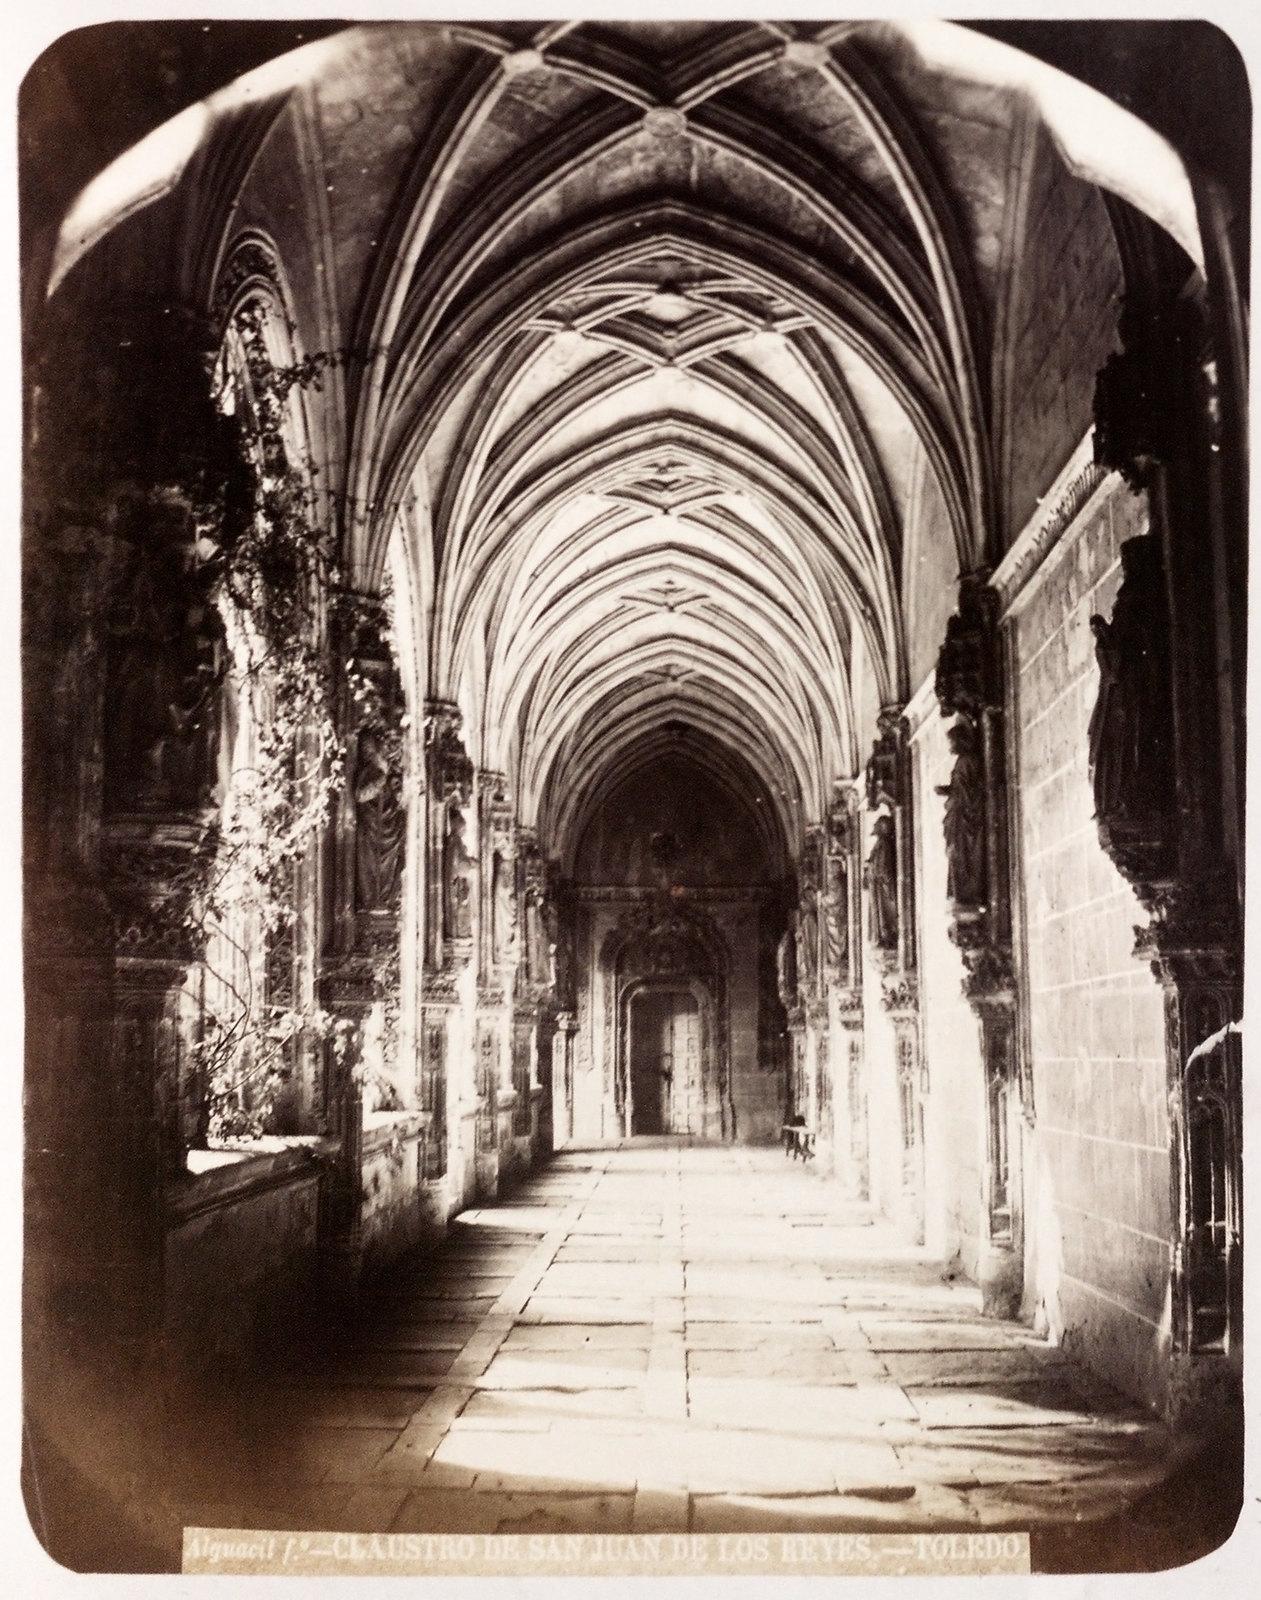 Claustro de San Juan de los Reyes en Toledo hacia 1879. Álbum de la National Gallery con fotos de Casiano Alguacil.